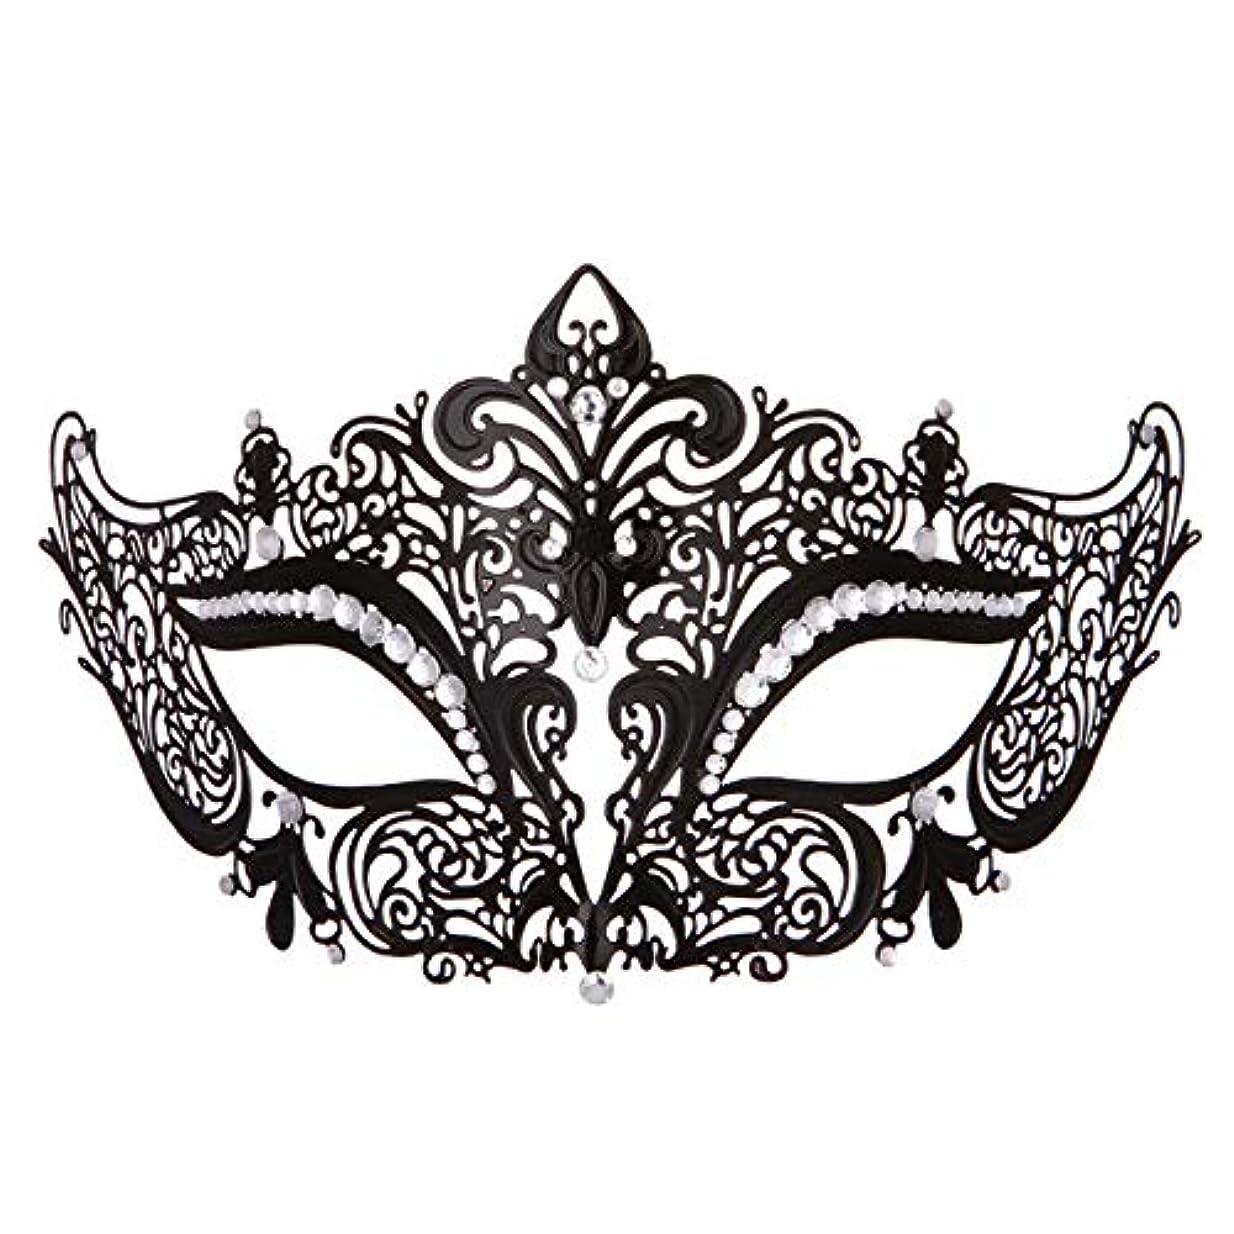 見出し予想外またねメタルマスク/ダイヤモンドカットマスク/アイアンマスクキャットヘッドブラック/ハロウィーン、パーティー、仮面舞踏会、お祝いマスク